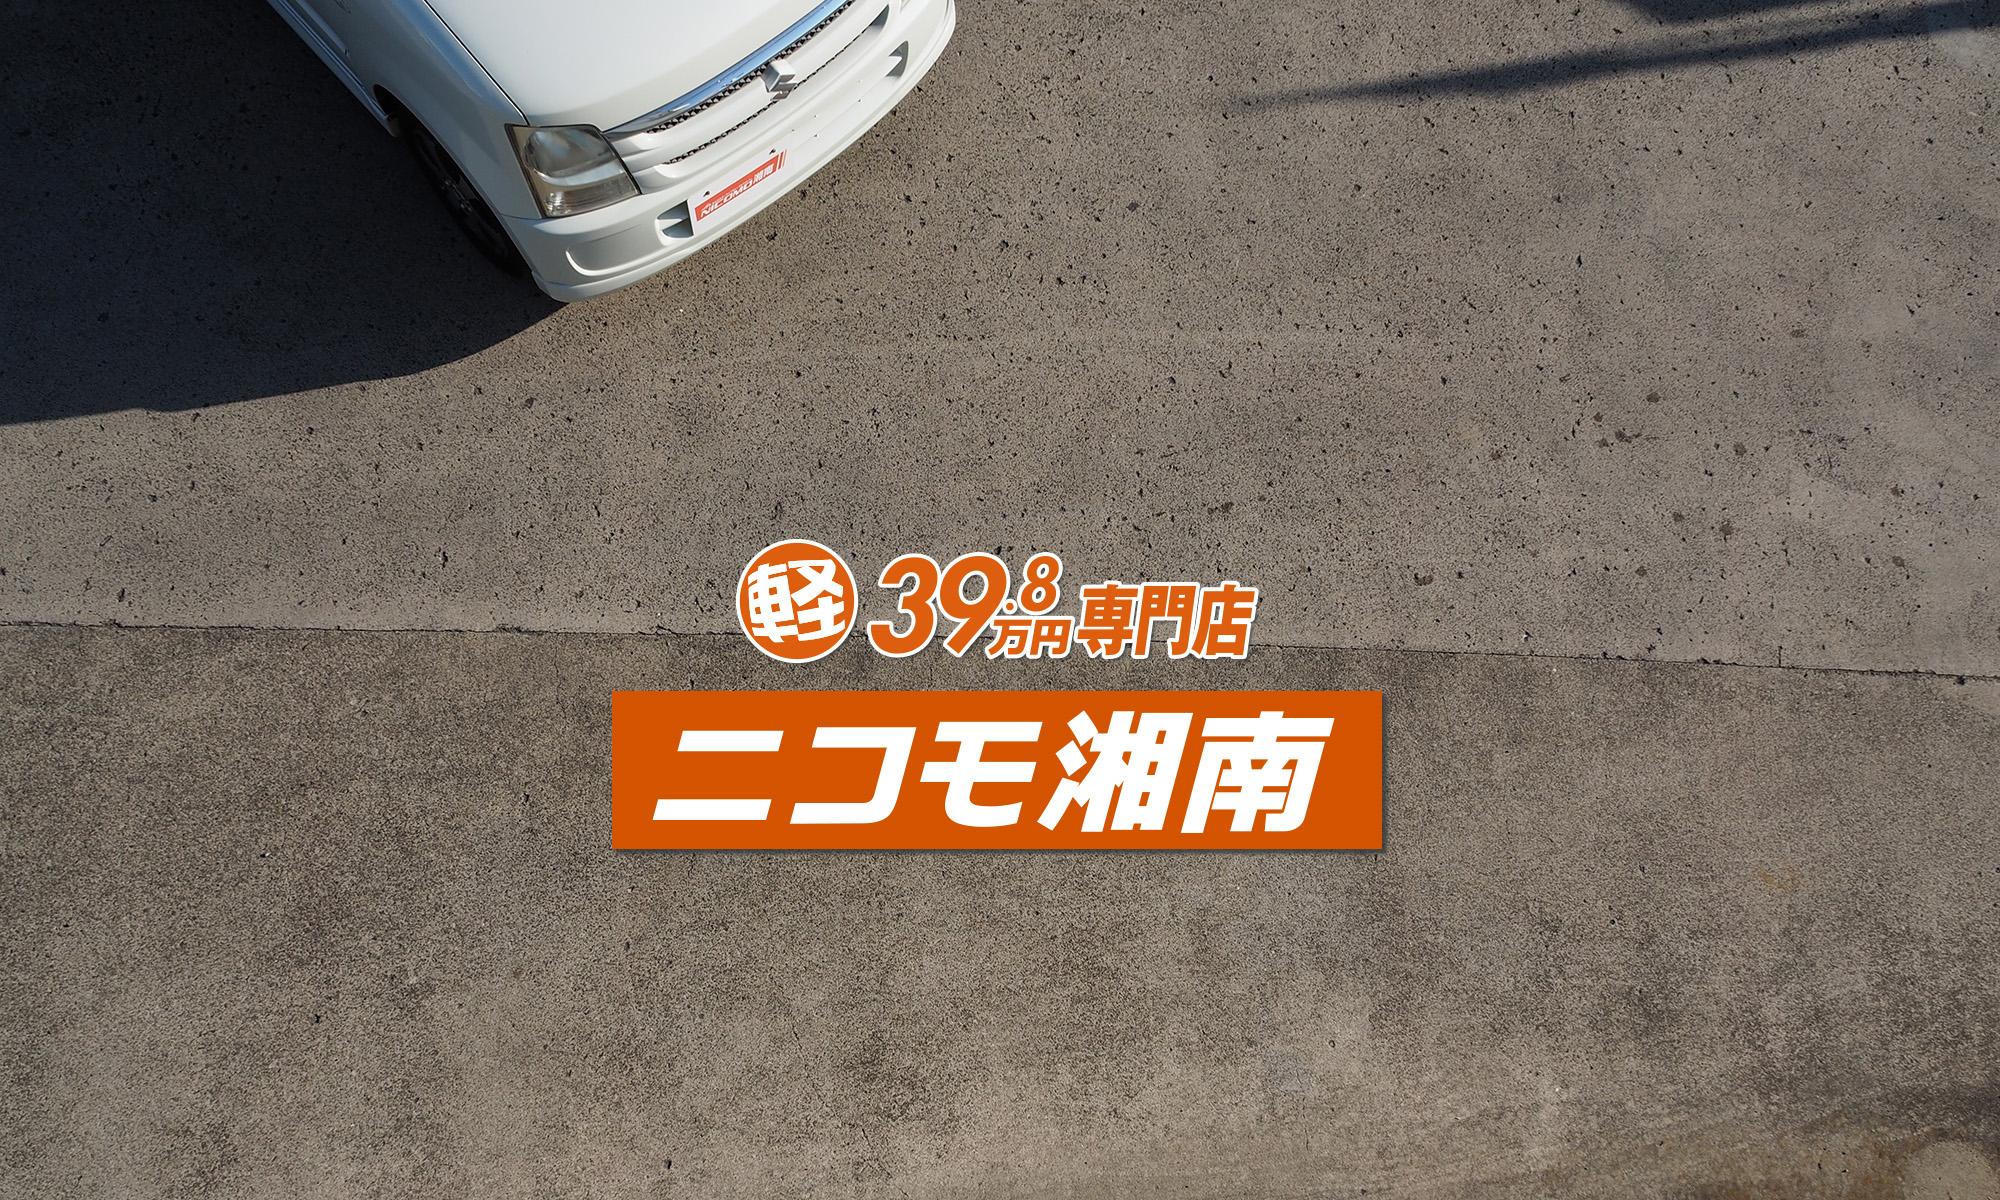 ニコモ湘南ブログ